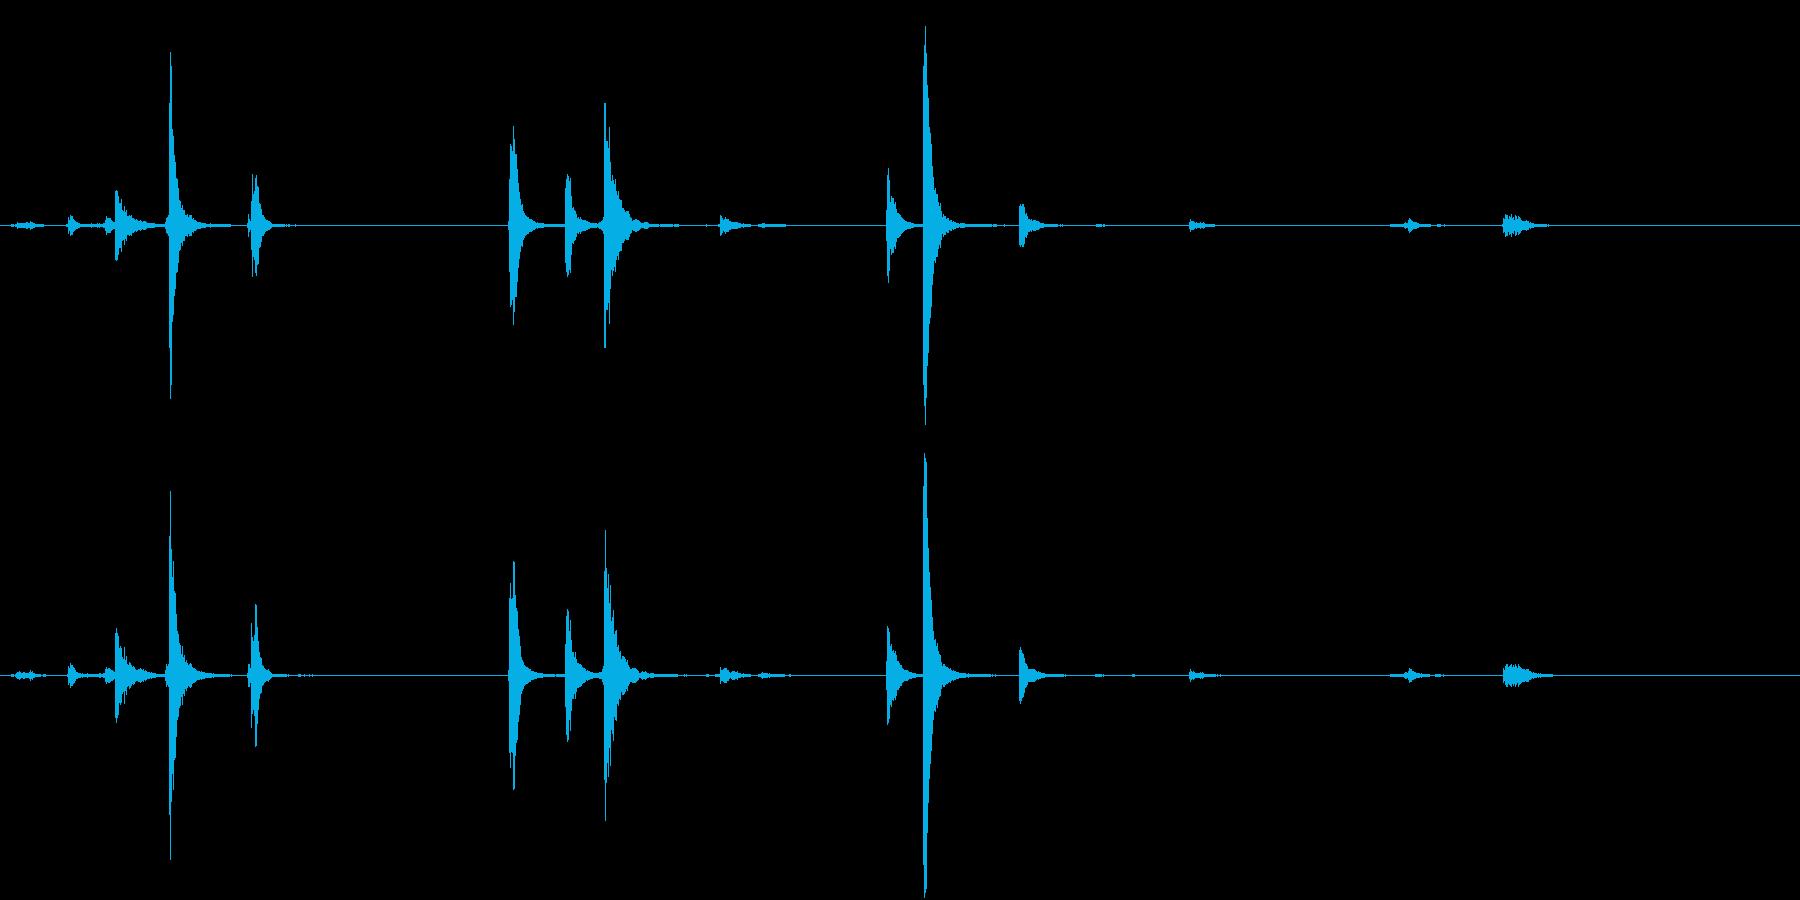 【生録音】猛獣を繋ぐような重厚な鎖の音1の再生済みの波形